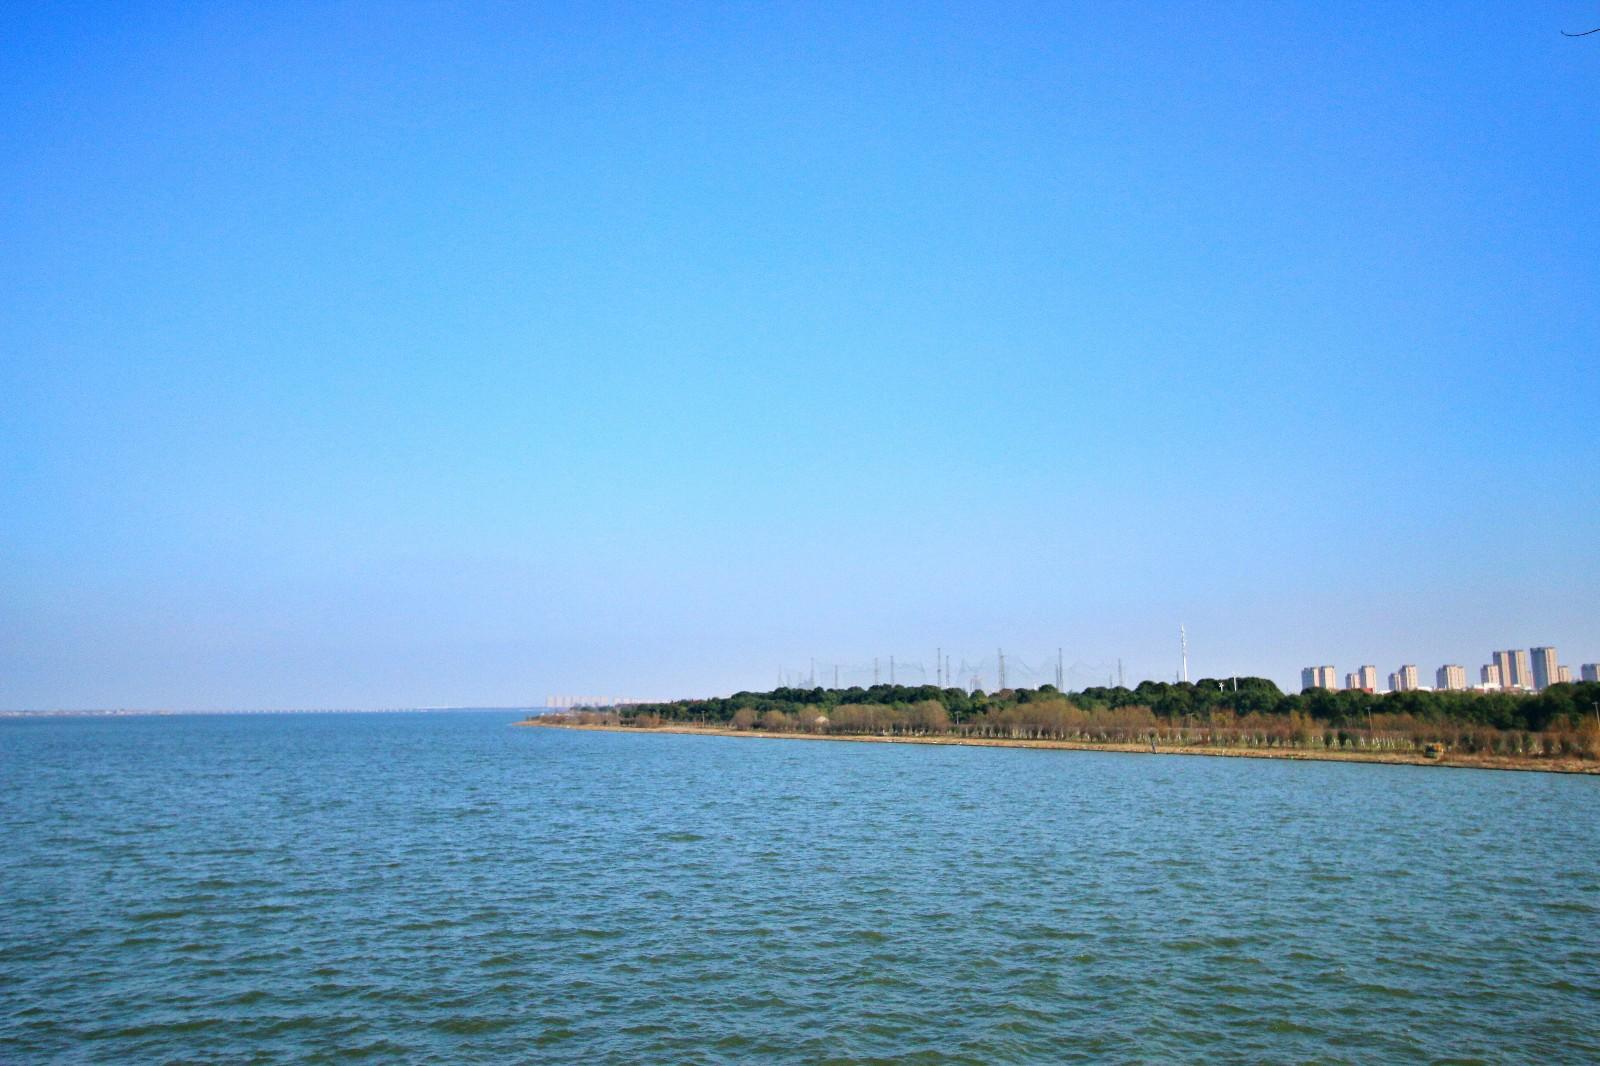 阳澄湖半岛,上天入水的度假天堂